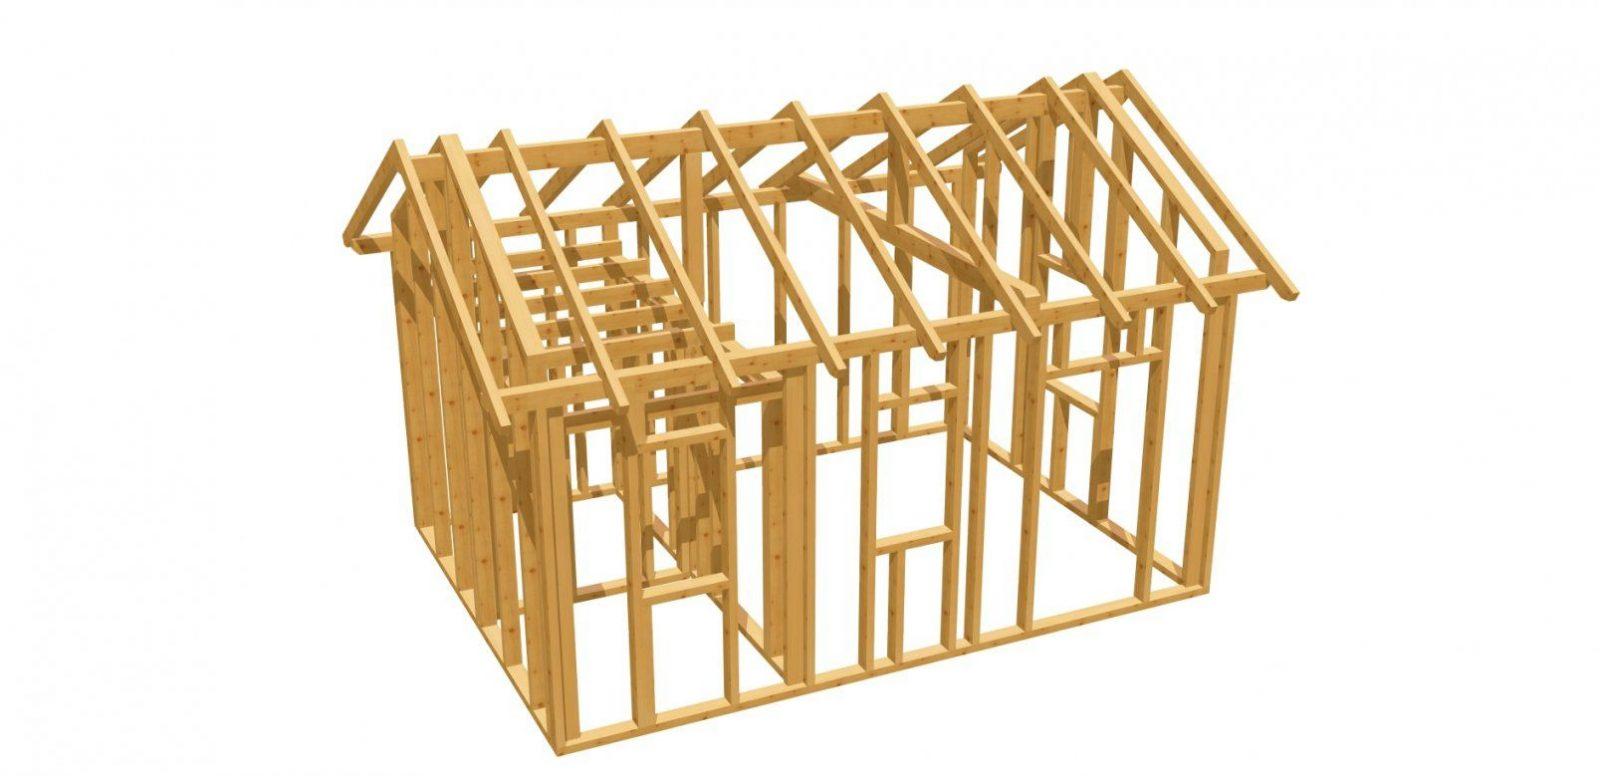 Gartenhaus Bauplan  Holzbauplan von Gartenhaus Selber Bauen Video Bild